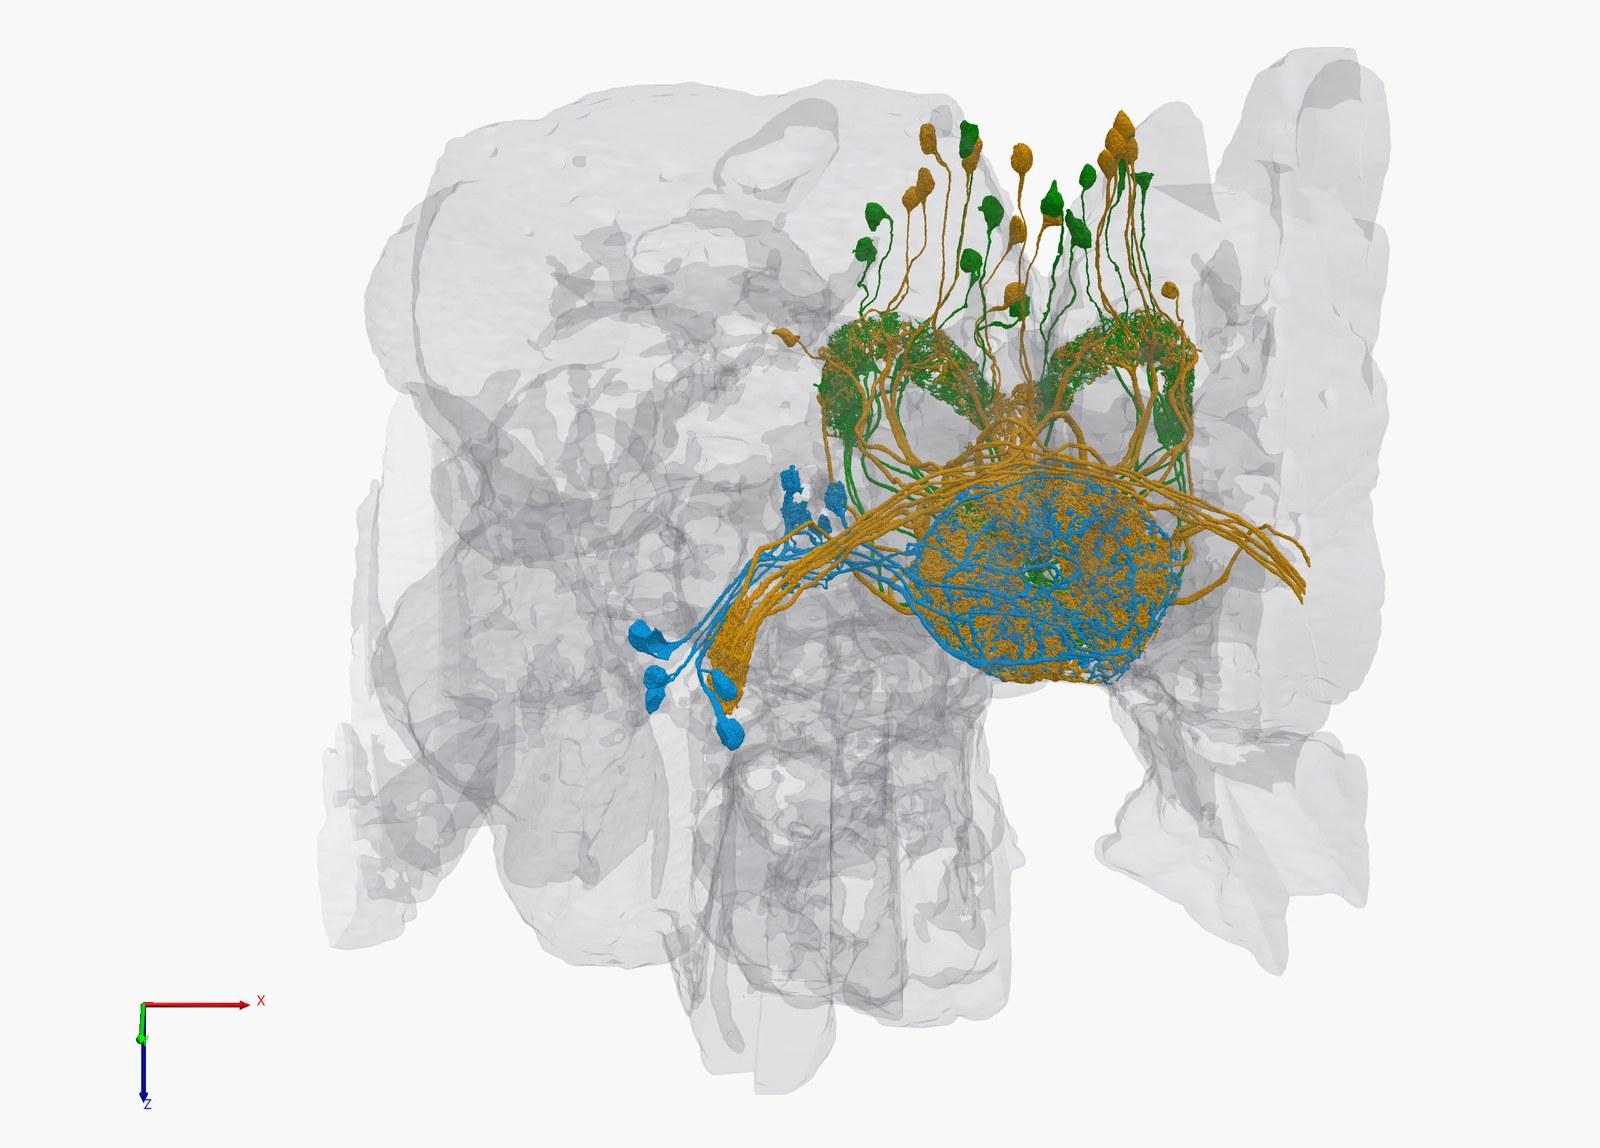 sirke sineği hemibrain